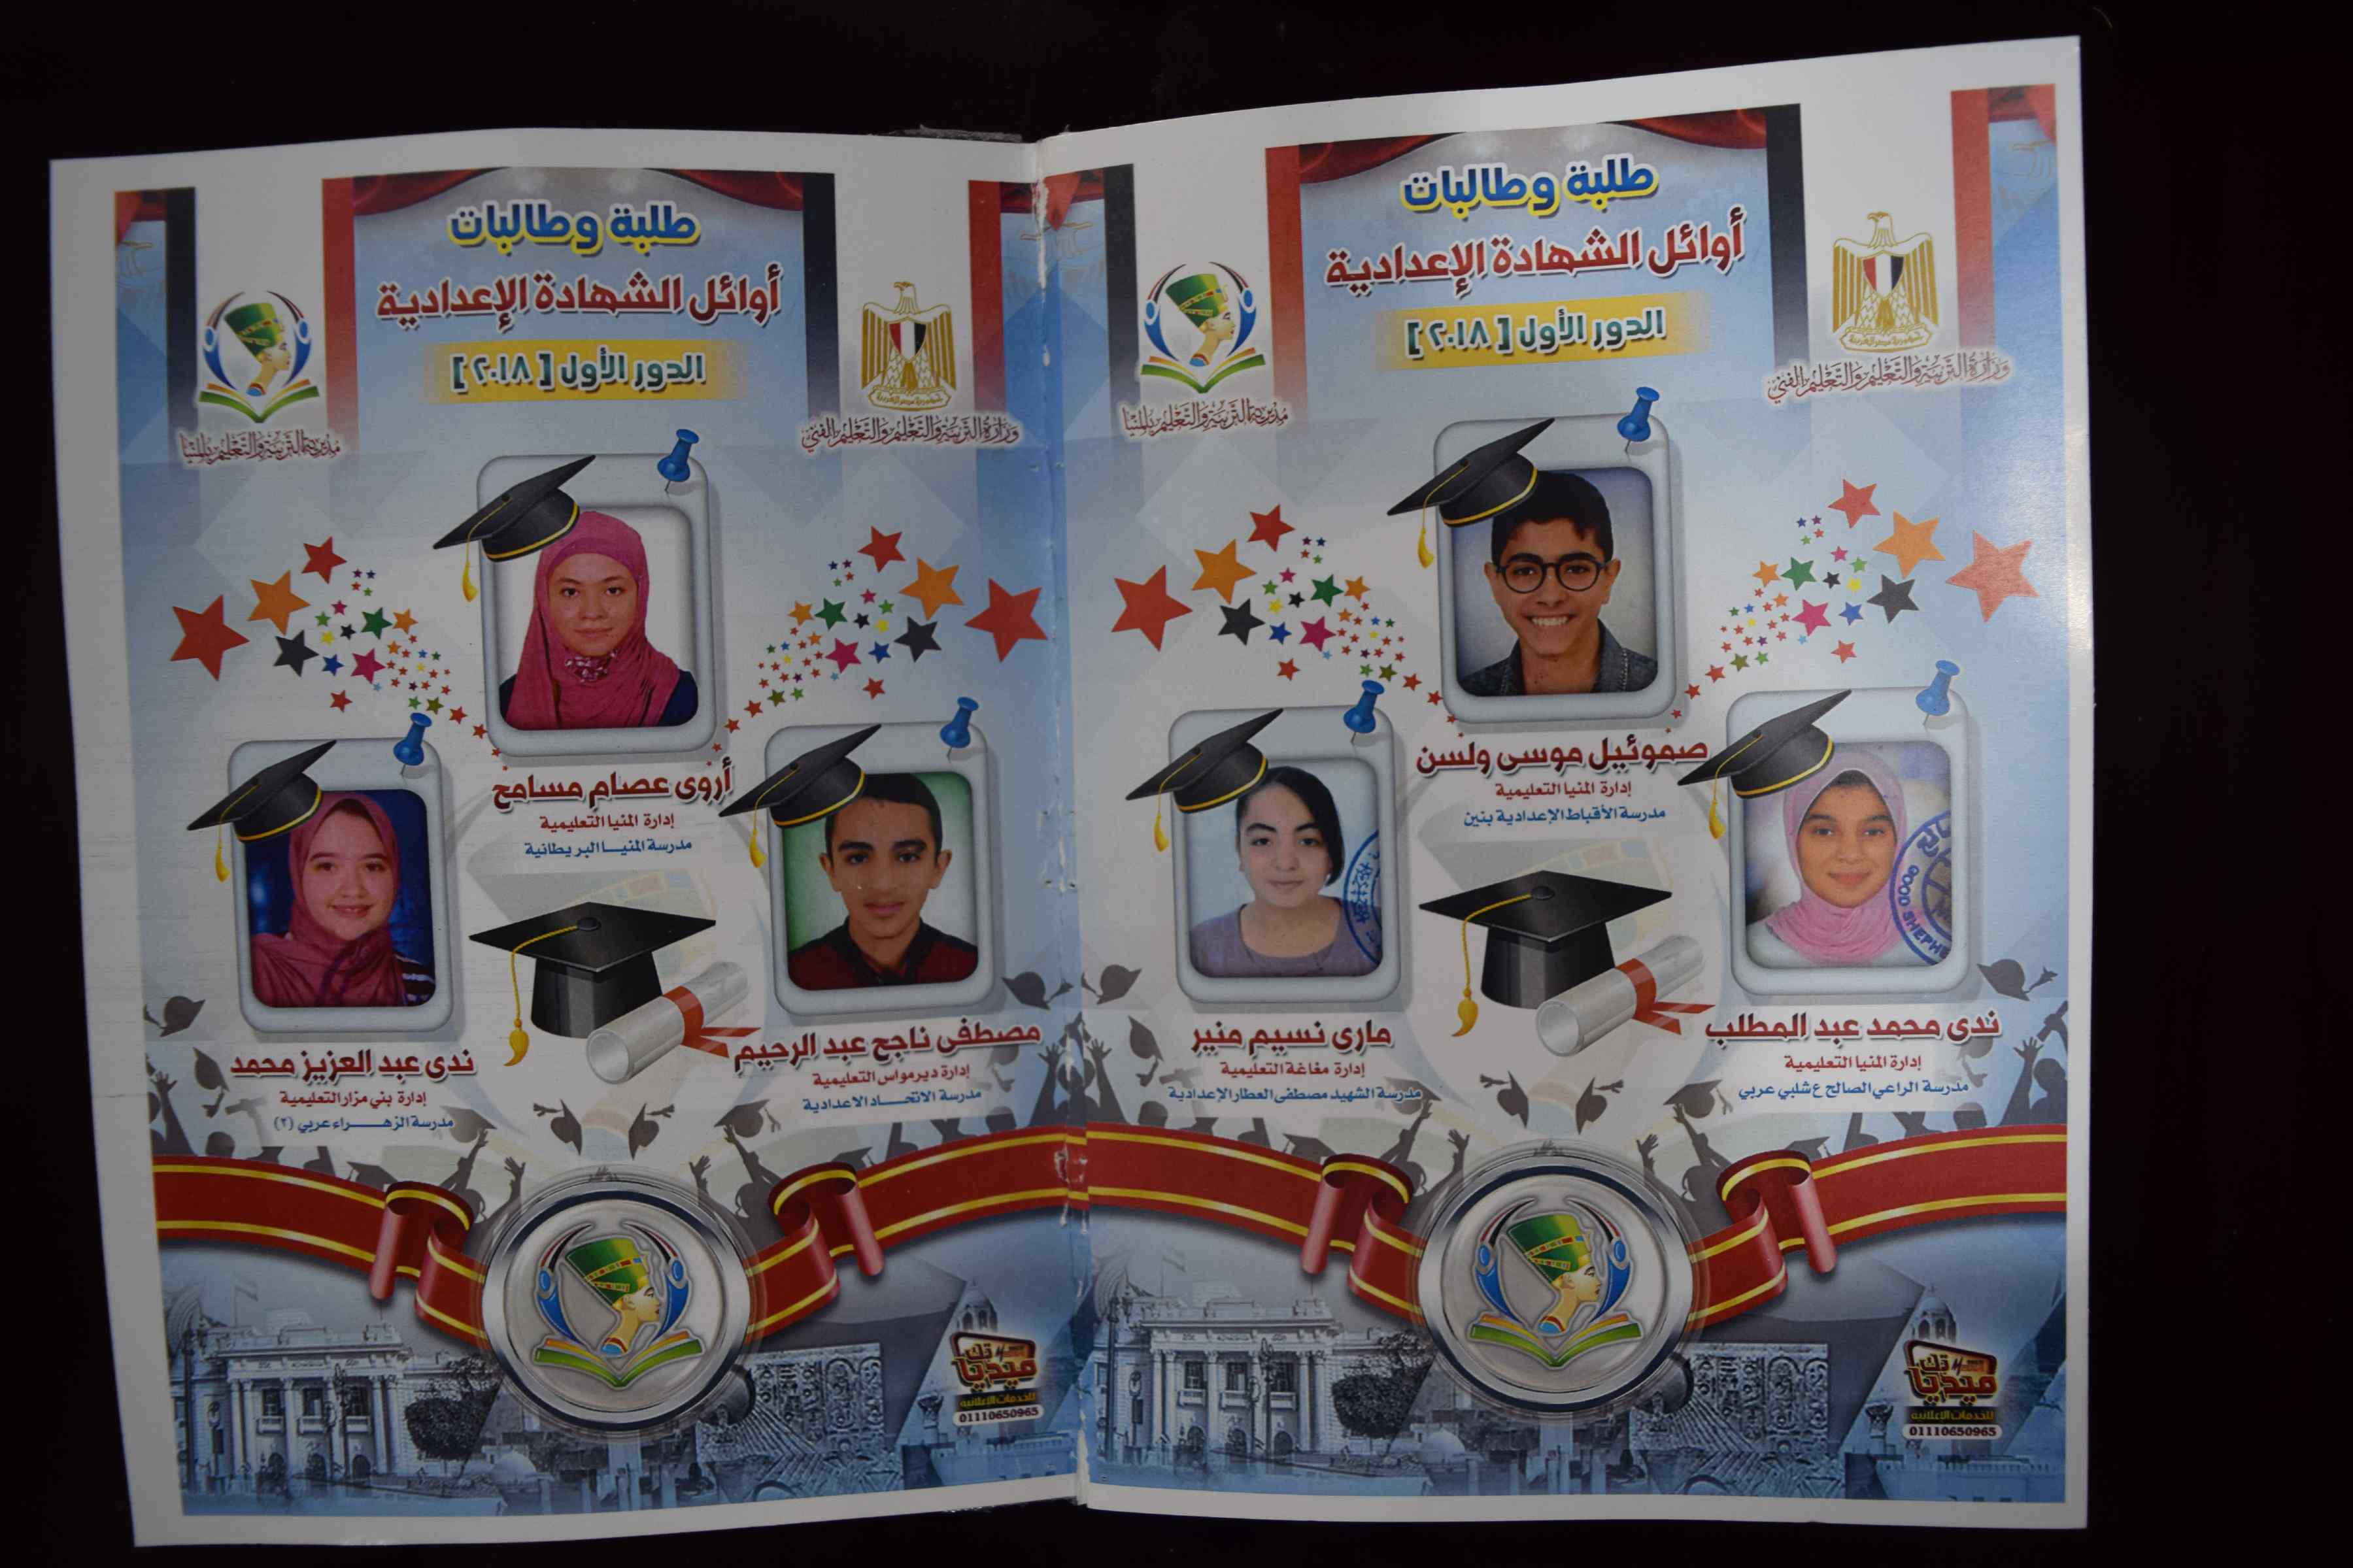 نتيجة الشهادة الابتدائية والإعدادية محافظة المنيا 2019 برقم الجلوس 6